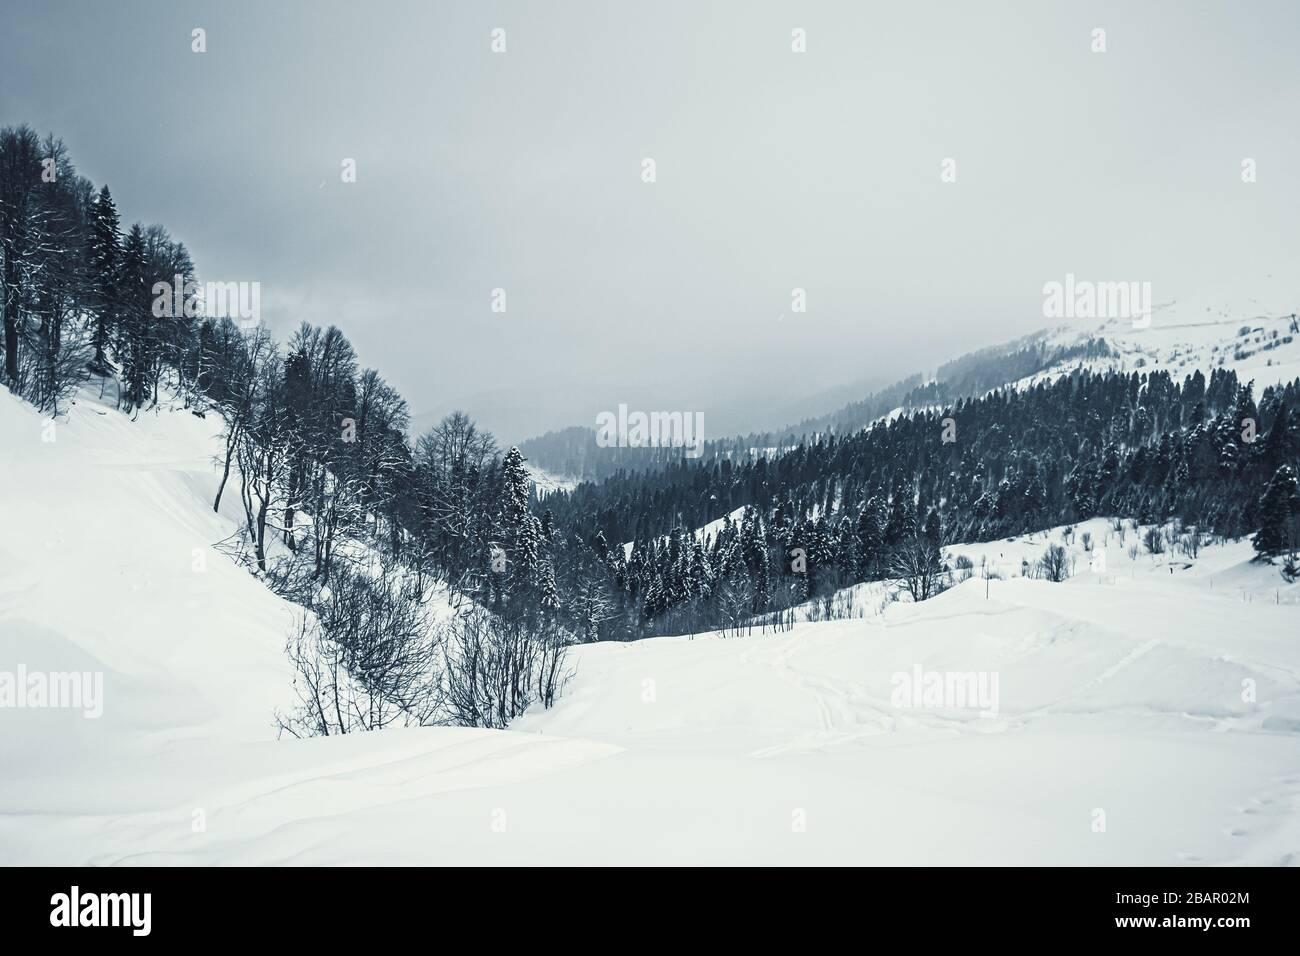 Arbres d'épinette enneigés dans les montagnes du Caucase, Sotchi, Russie. Banque D'Images